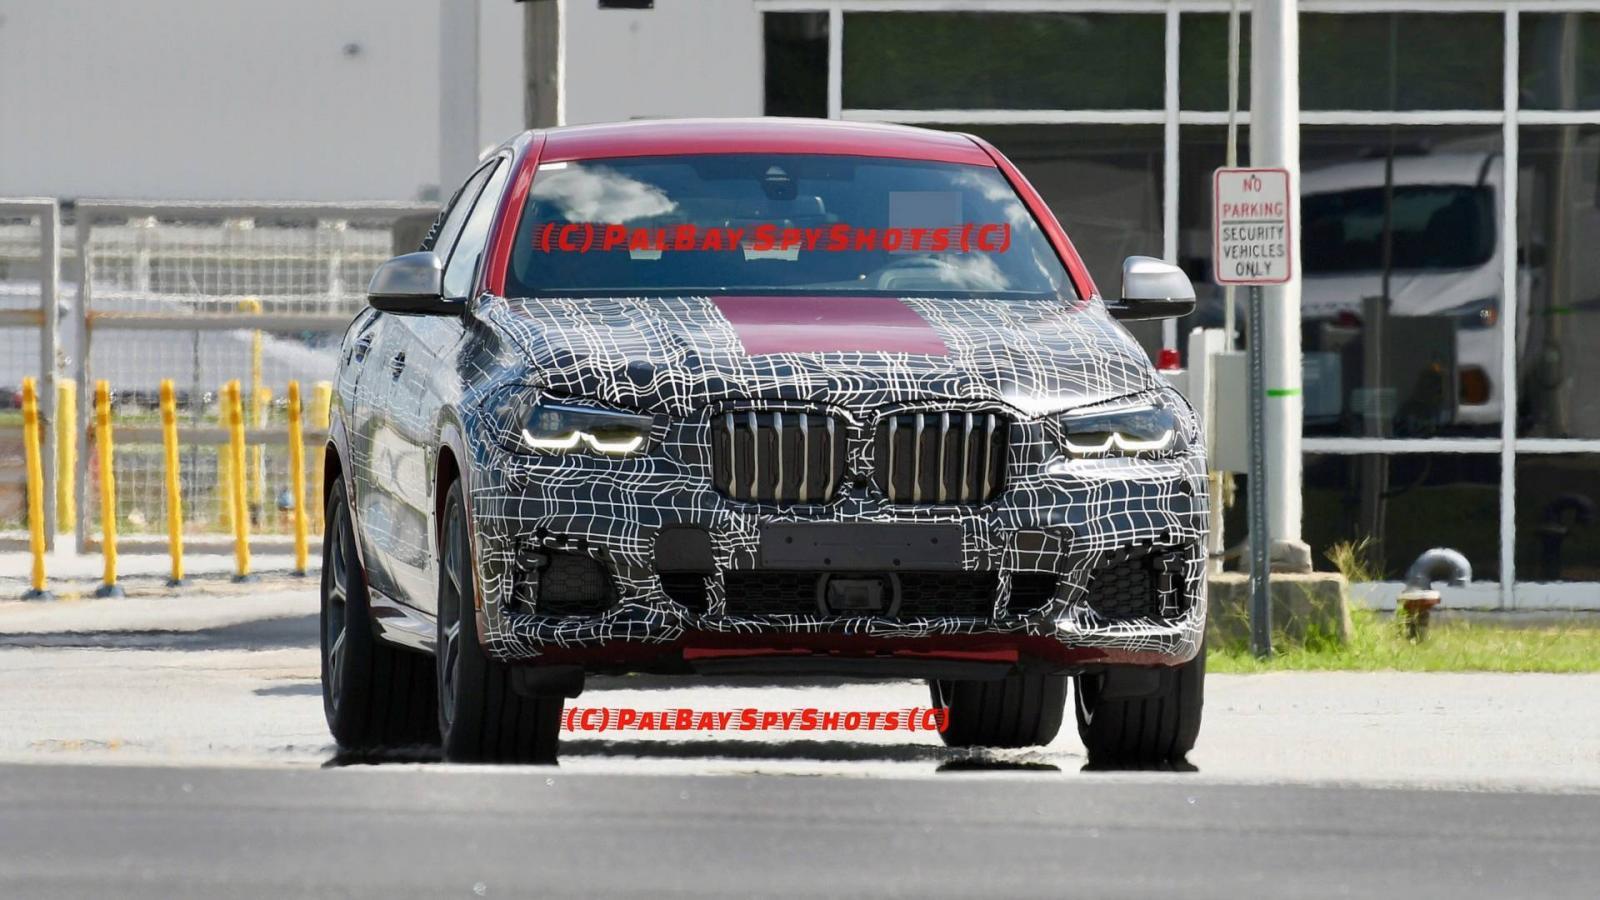 Натестах отмечено кросс-купе БМВ X6 нового поколения